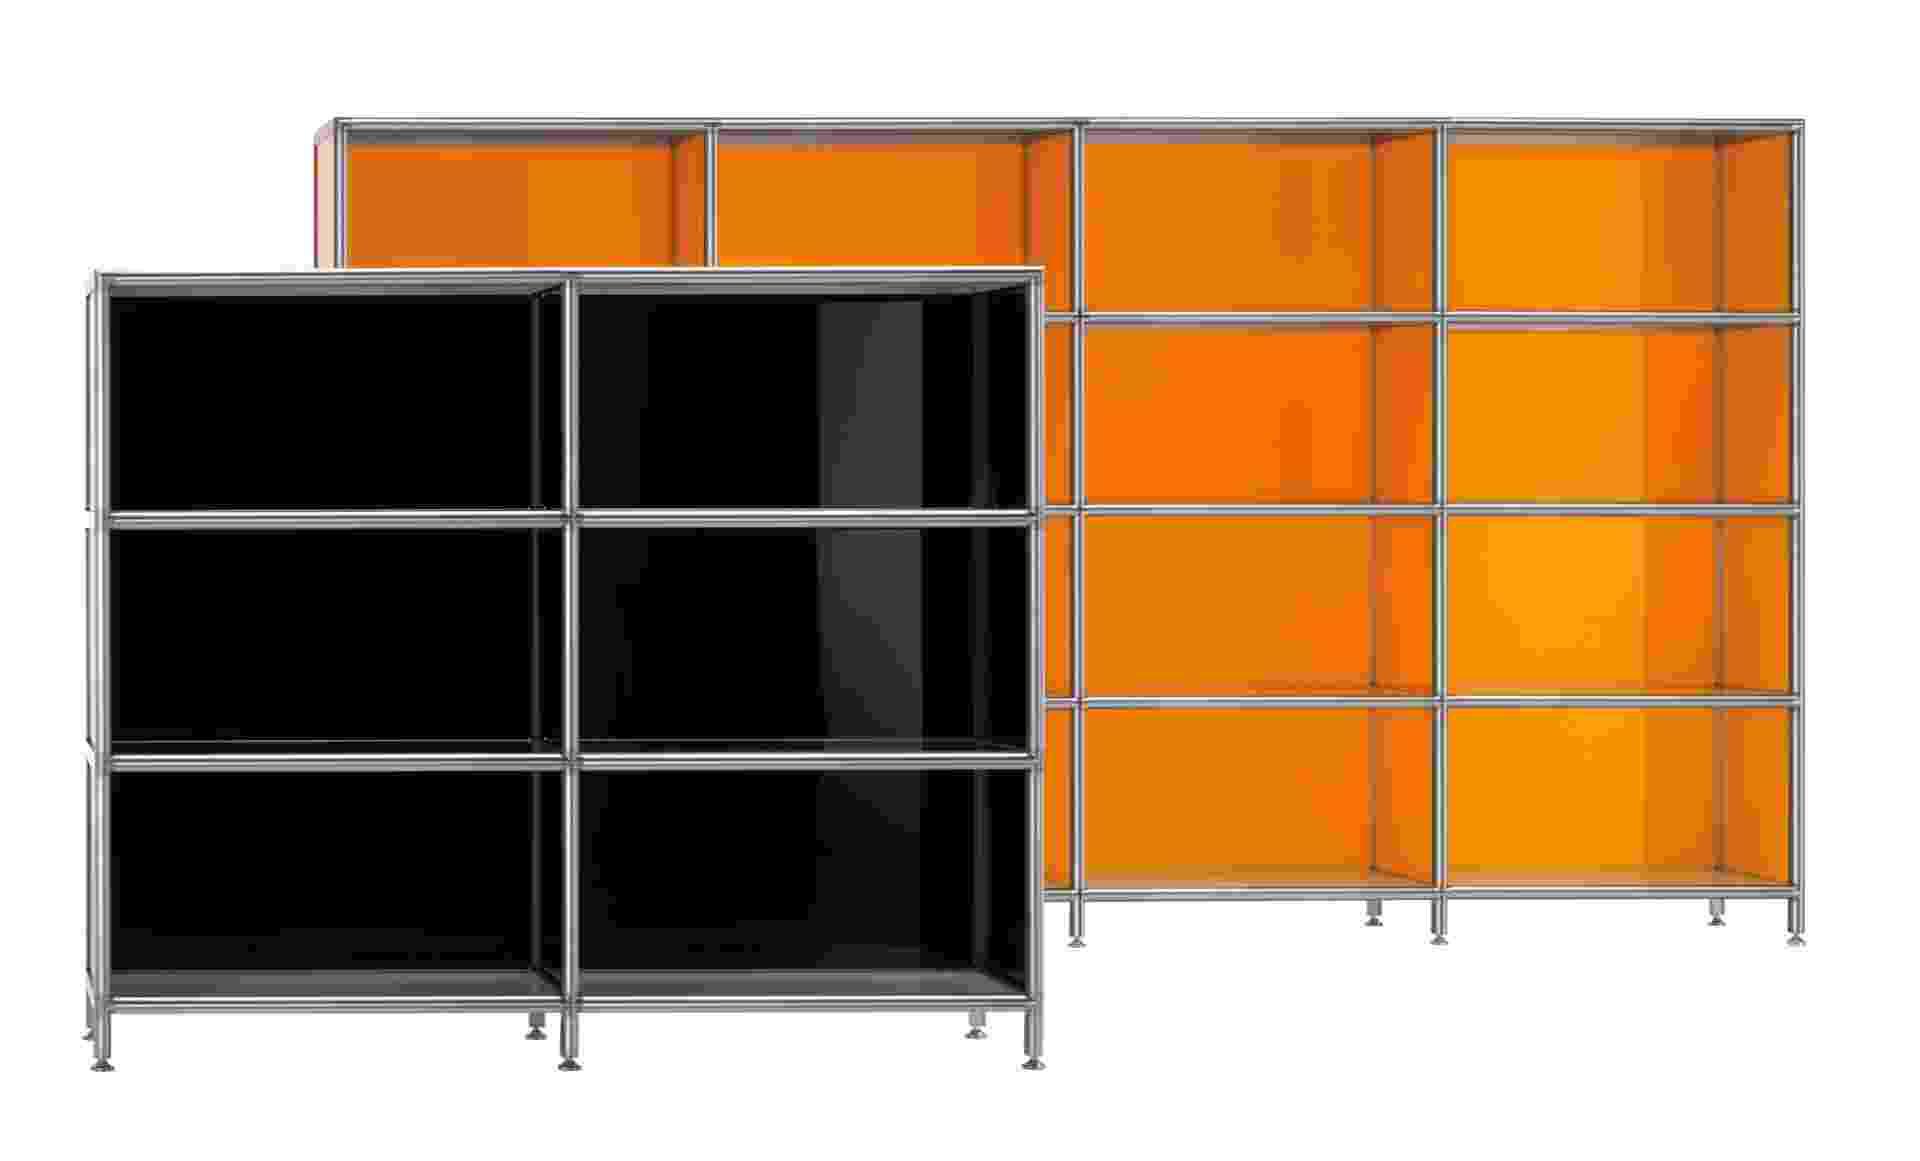 A estante Boox ? Rexite, desenhada por Alberto Basaglia e Natalia Rota Nodari, possui prateleiras modulares com estrutura de alumínio polido. Na Cod: Creative Original Design (www.codbr.com), o módulo na cor preta mede 184 cm por 143 cm por 35 cm e custa a partir de R$ 10.051; na cor alaranjado, o módulo (244 cm por 186 cm por 35 cm) sai a partir de R$ 25.184 I Preços pesquisados em dezembro de 2012 e sujeitos a alterações - Divulgação